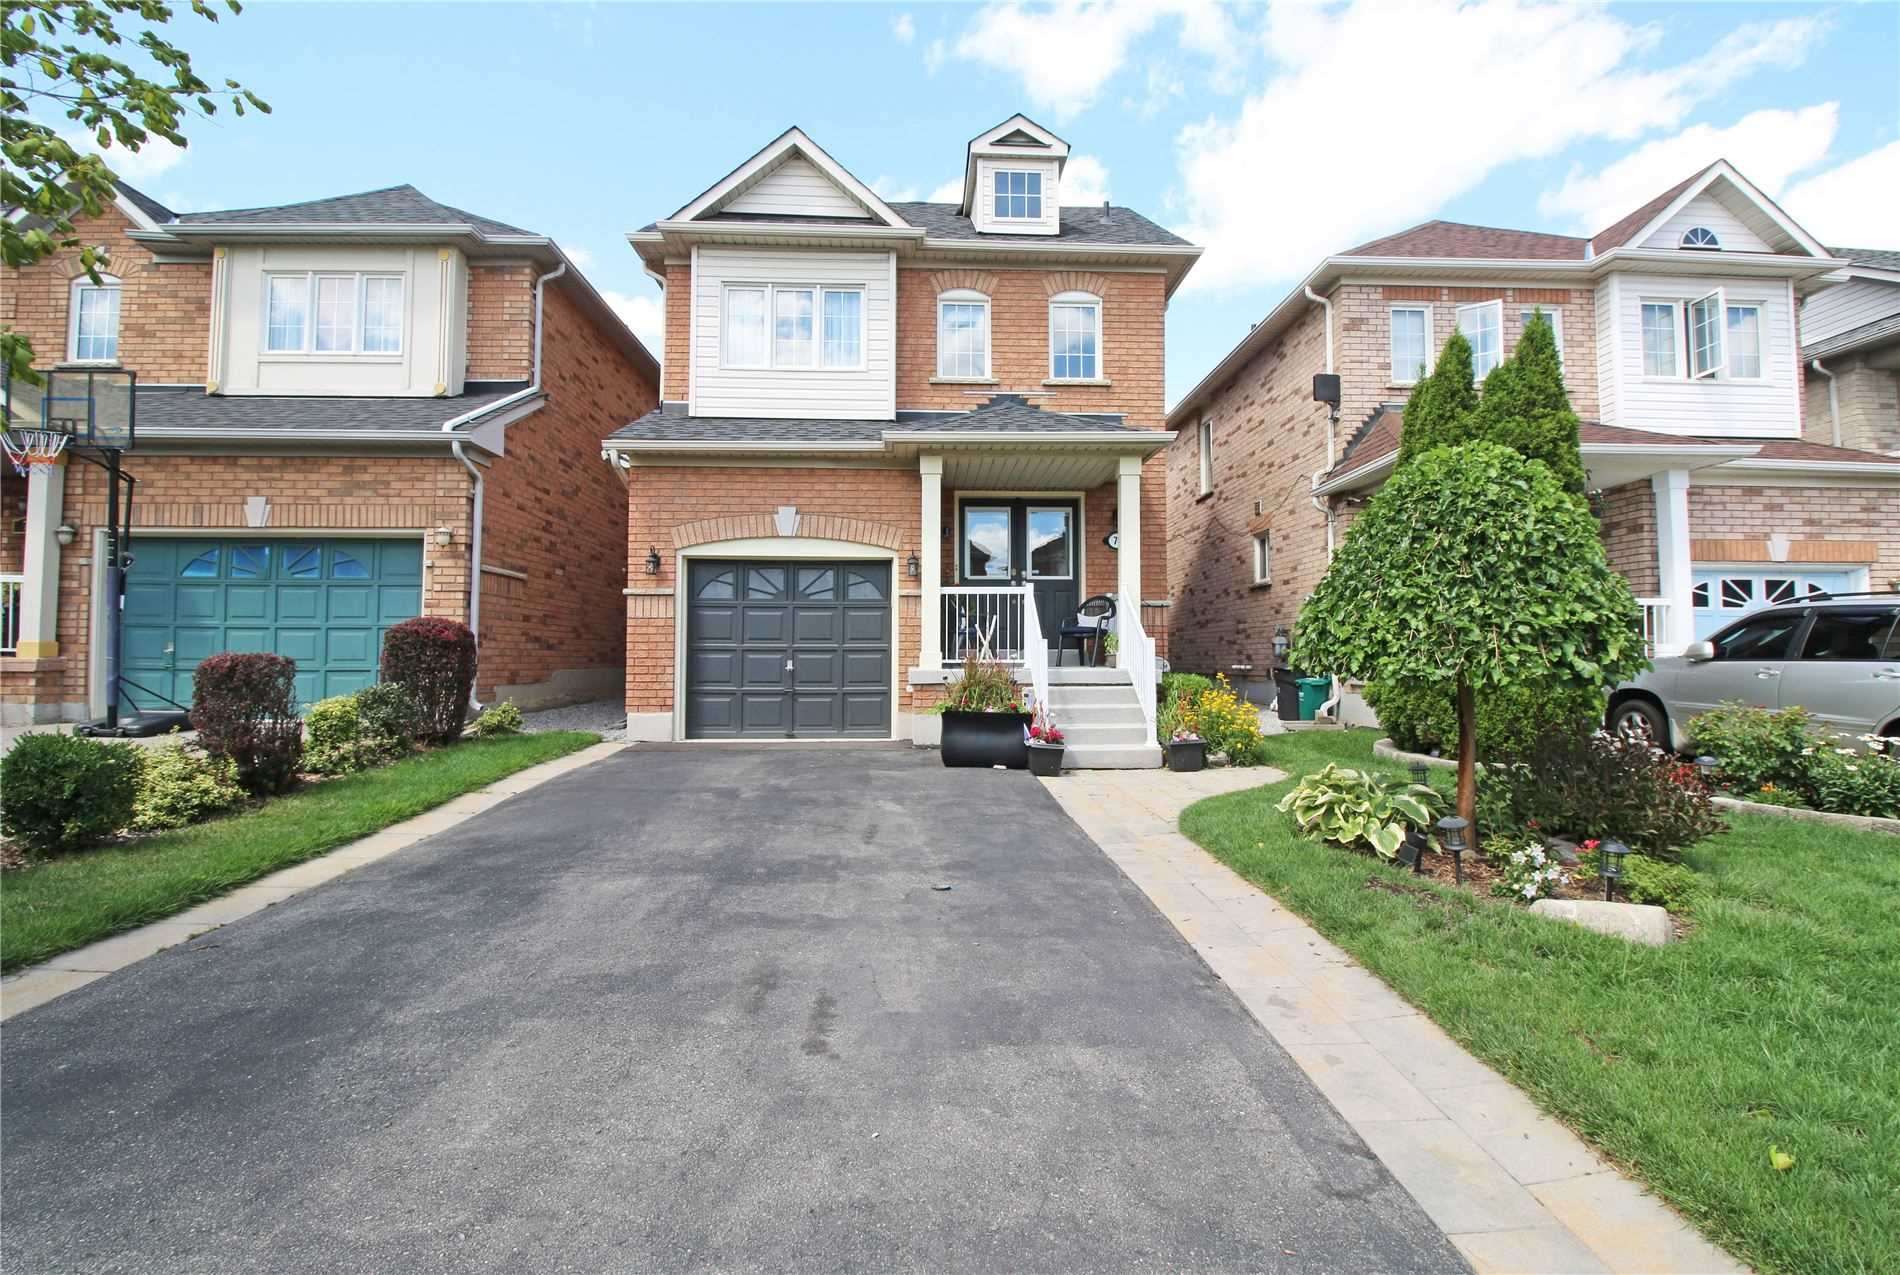 79 Macbride Cres, Vaughan, Ontario L4J4V3, 3 Bedrooms Bedrooms, 7 Rooms Rooms,4 BathroomsBathrooms,Detached,For Sale,Macbride,N4858821